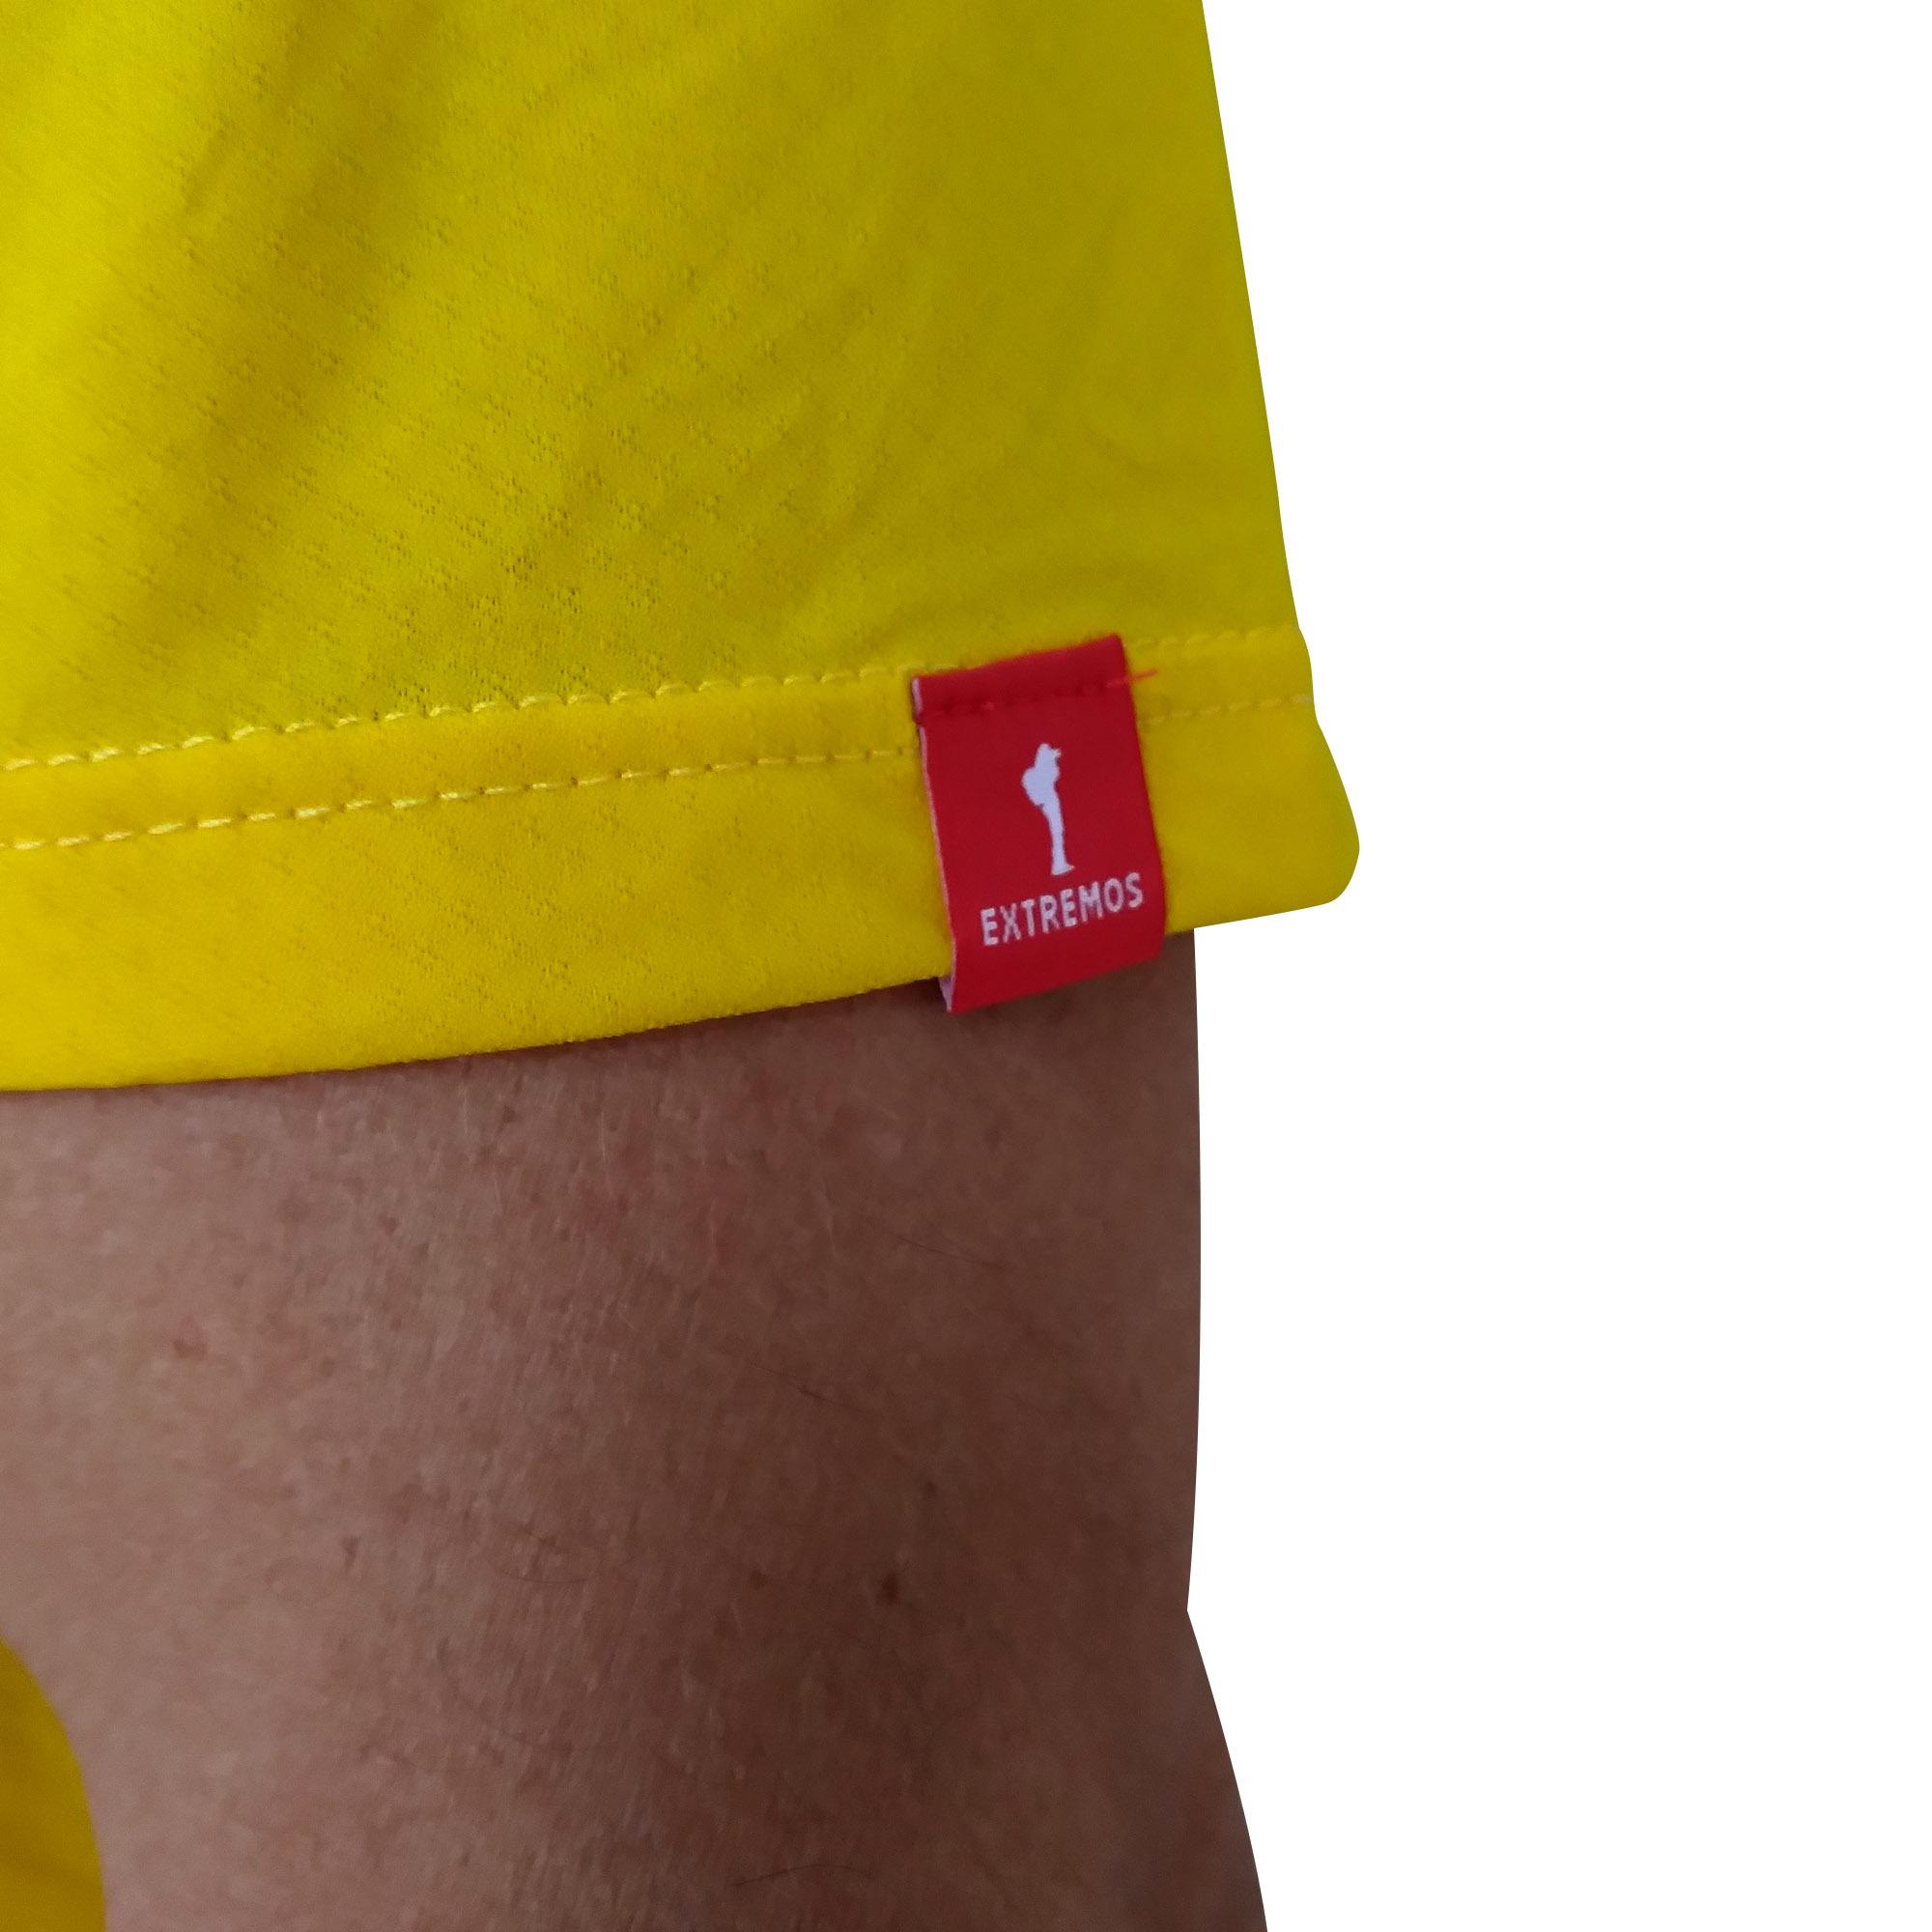 Camiseta MASC Extremos Everest Amarelo